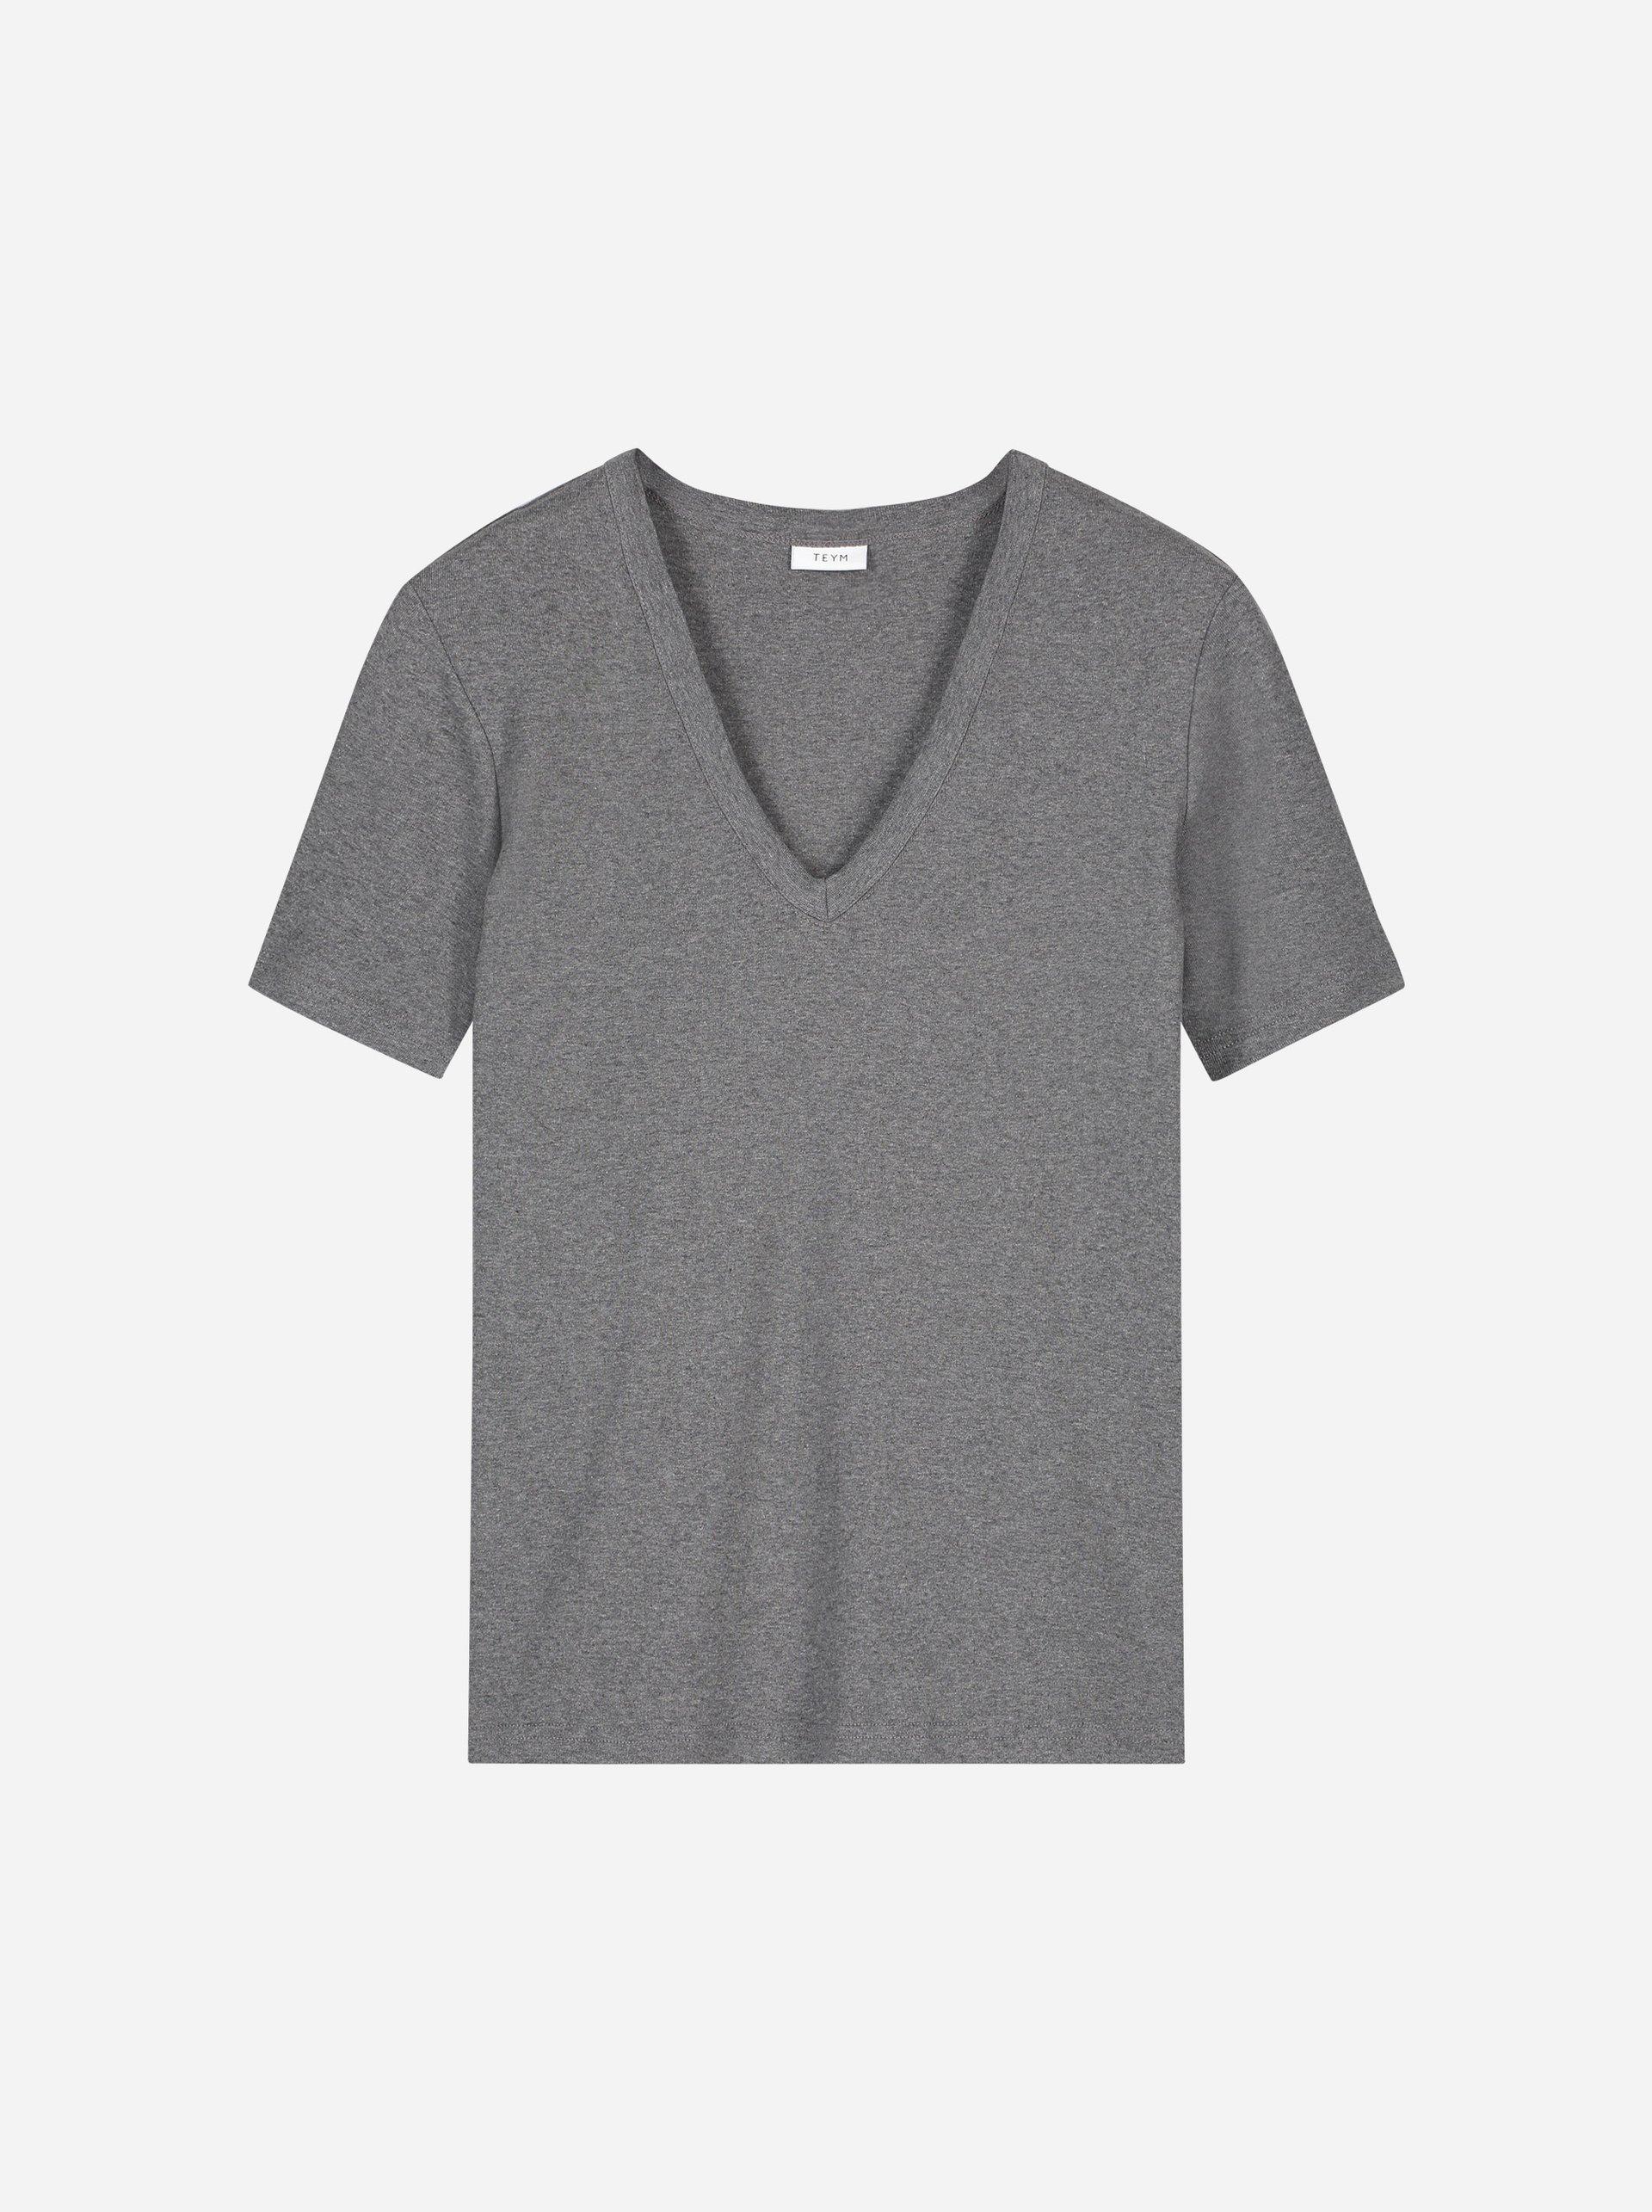 Teym - The T-Shirt - V-Neck - Women - Melange grey - 4B